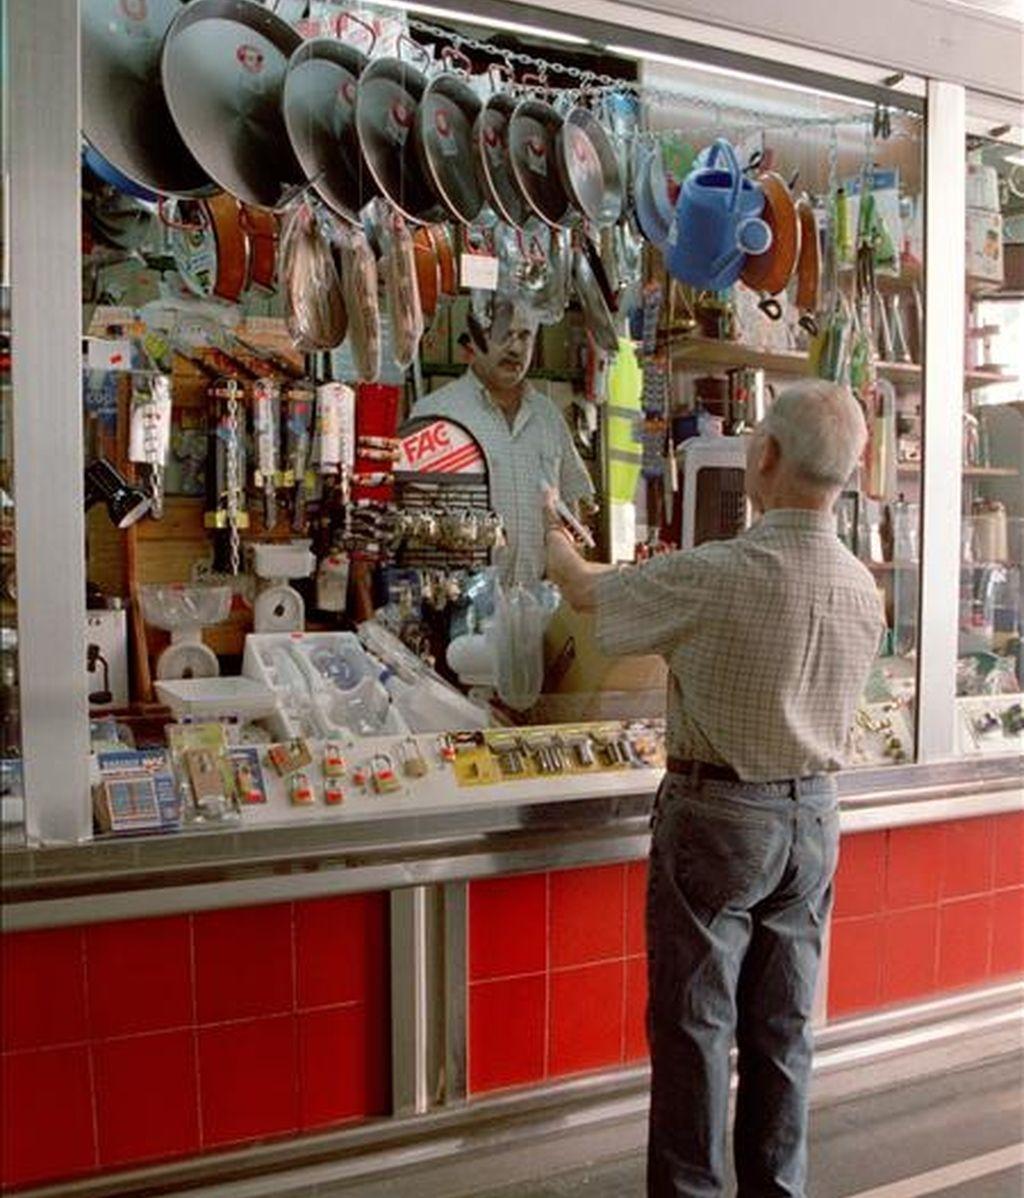 Puesto de menaje del hogar en un mercado madrileño. EFE/Archivo